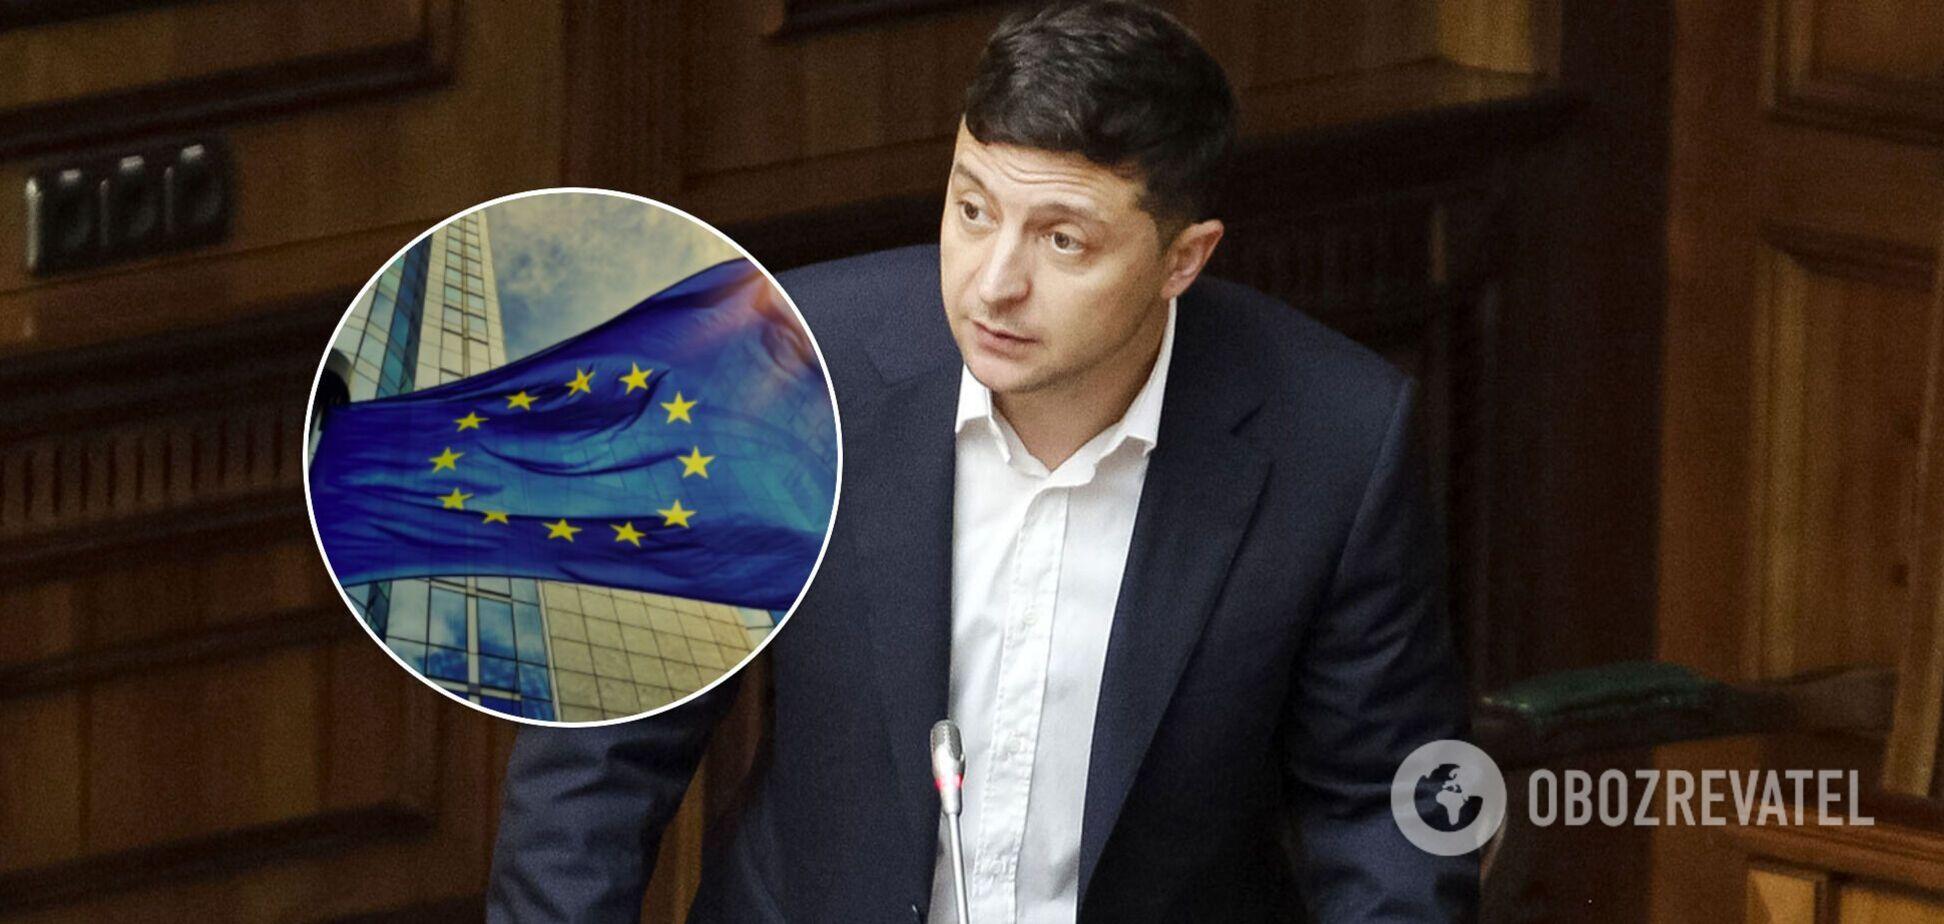 Зеленський звільнив кількох послів і главу представництва при ЄС